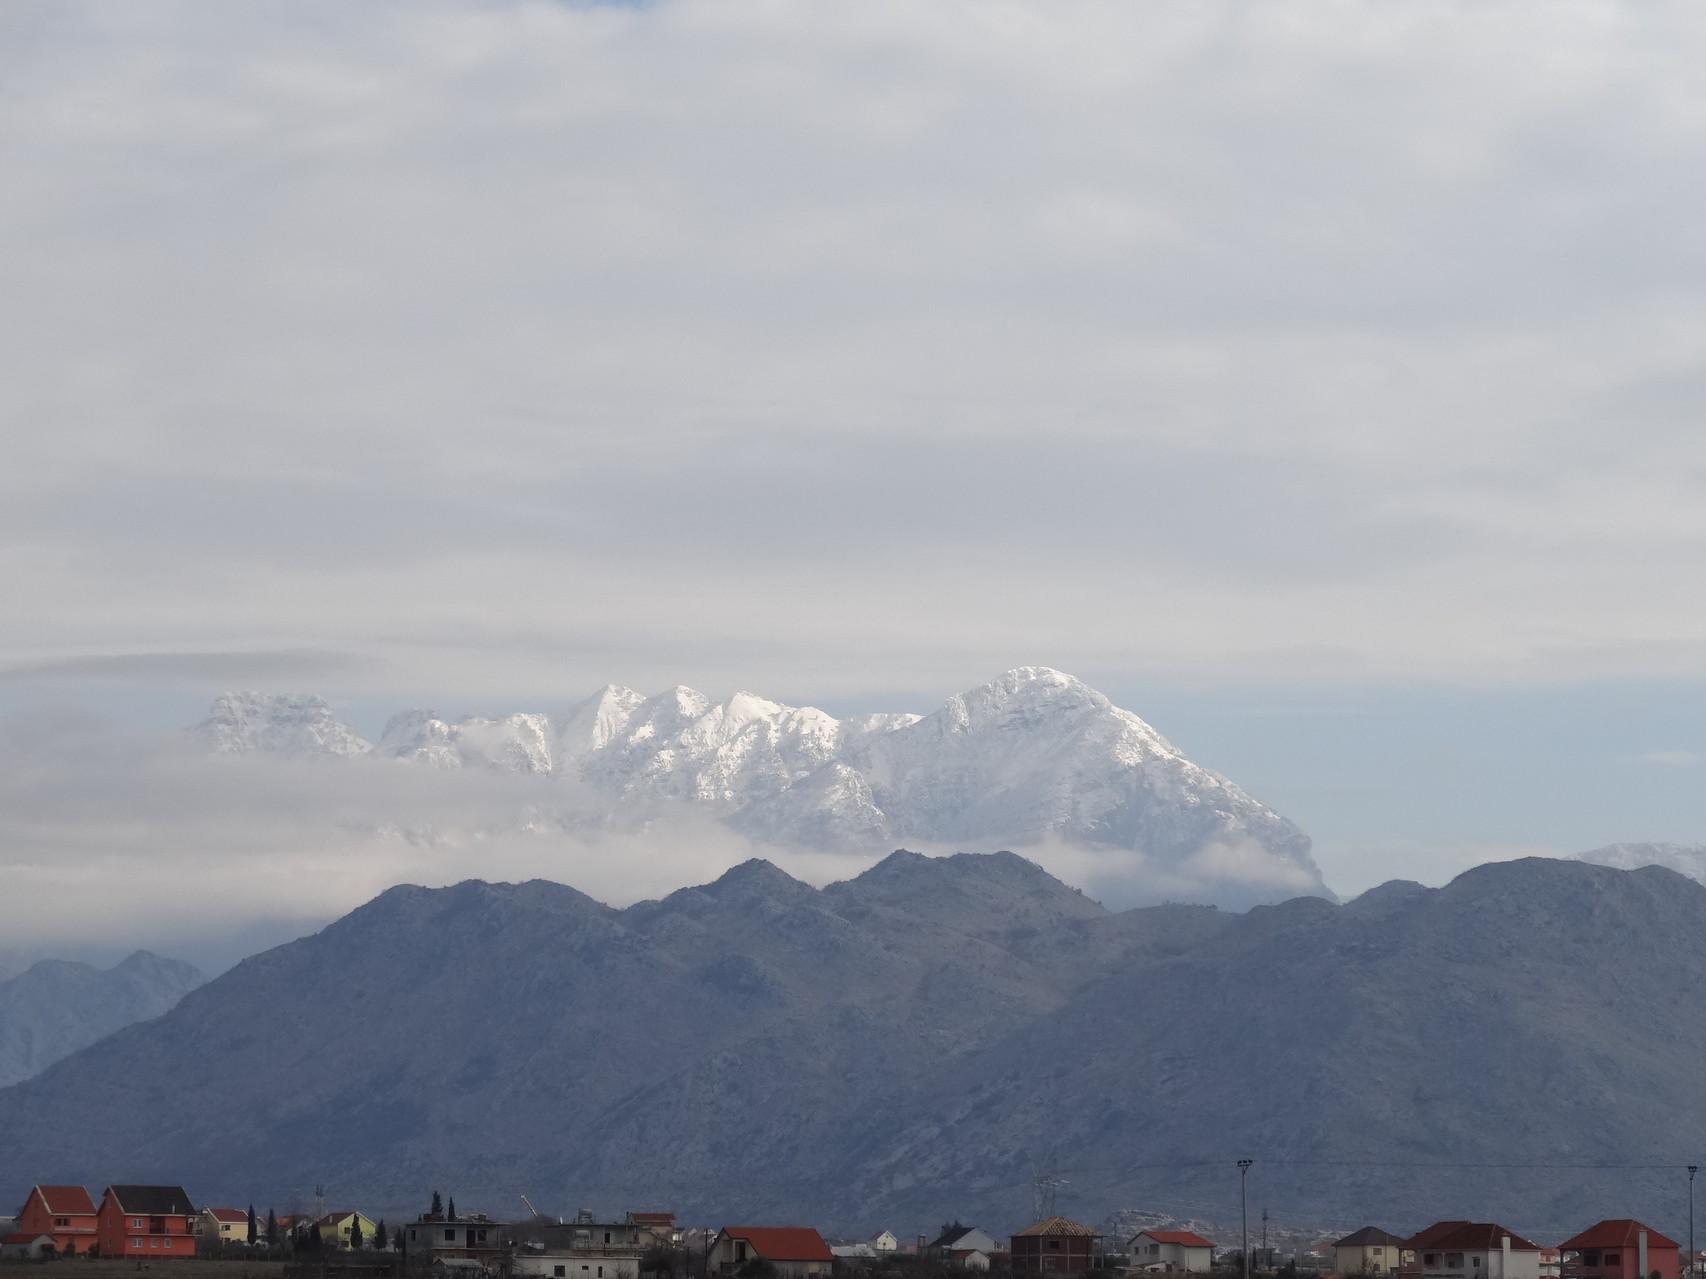 Je contourne les montagnes albanaises par la plaine jusqu'a Tirana